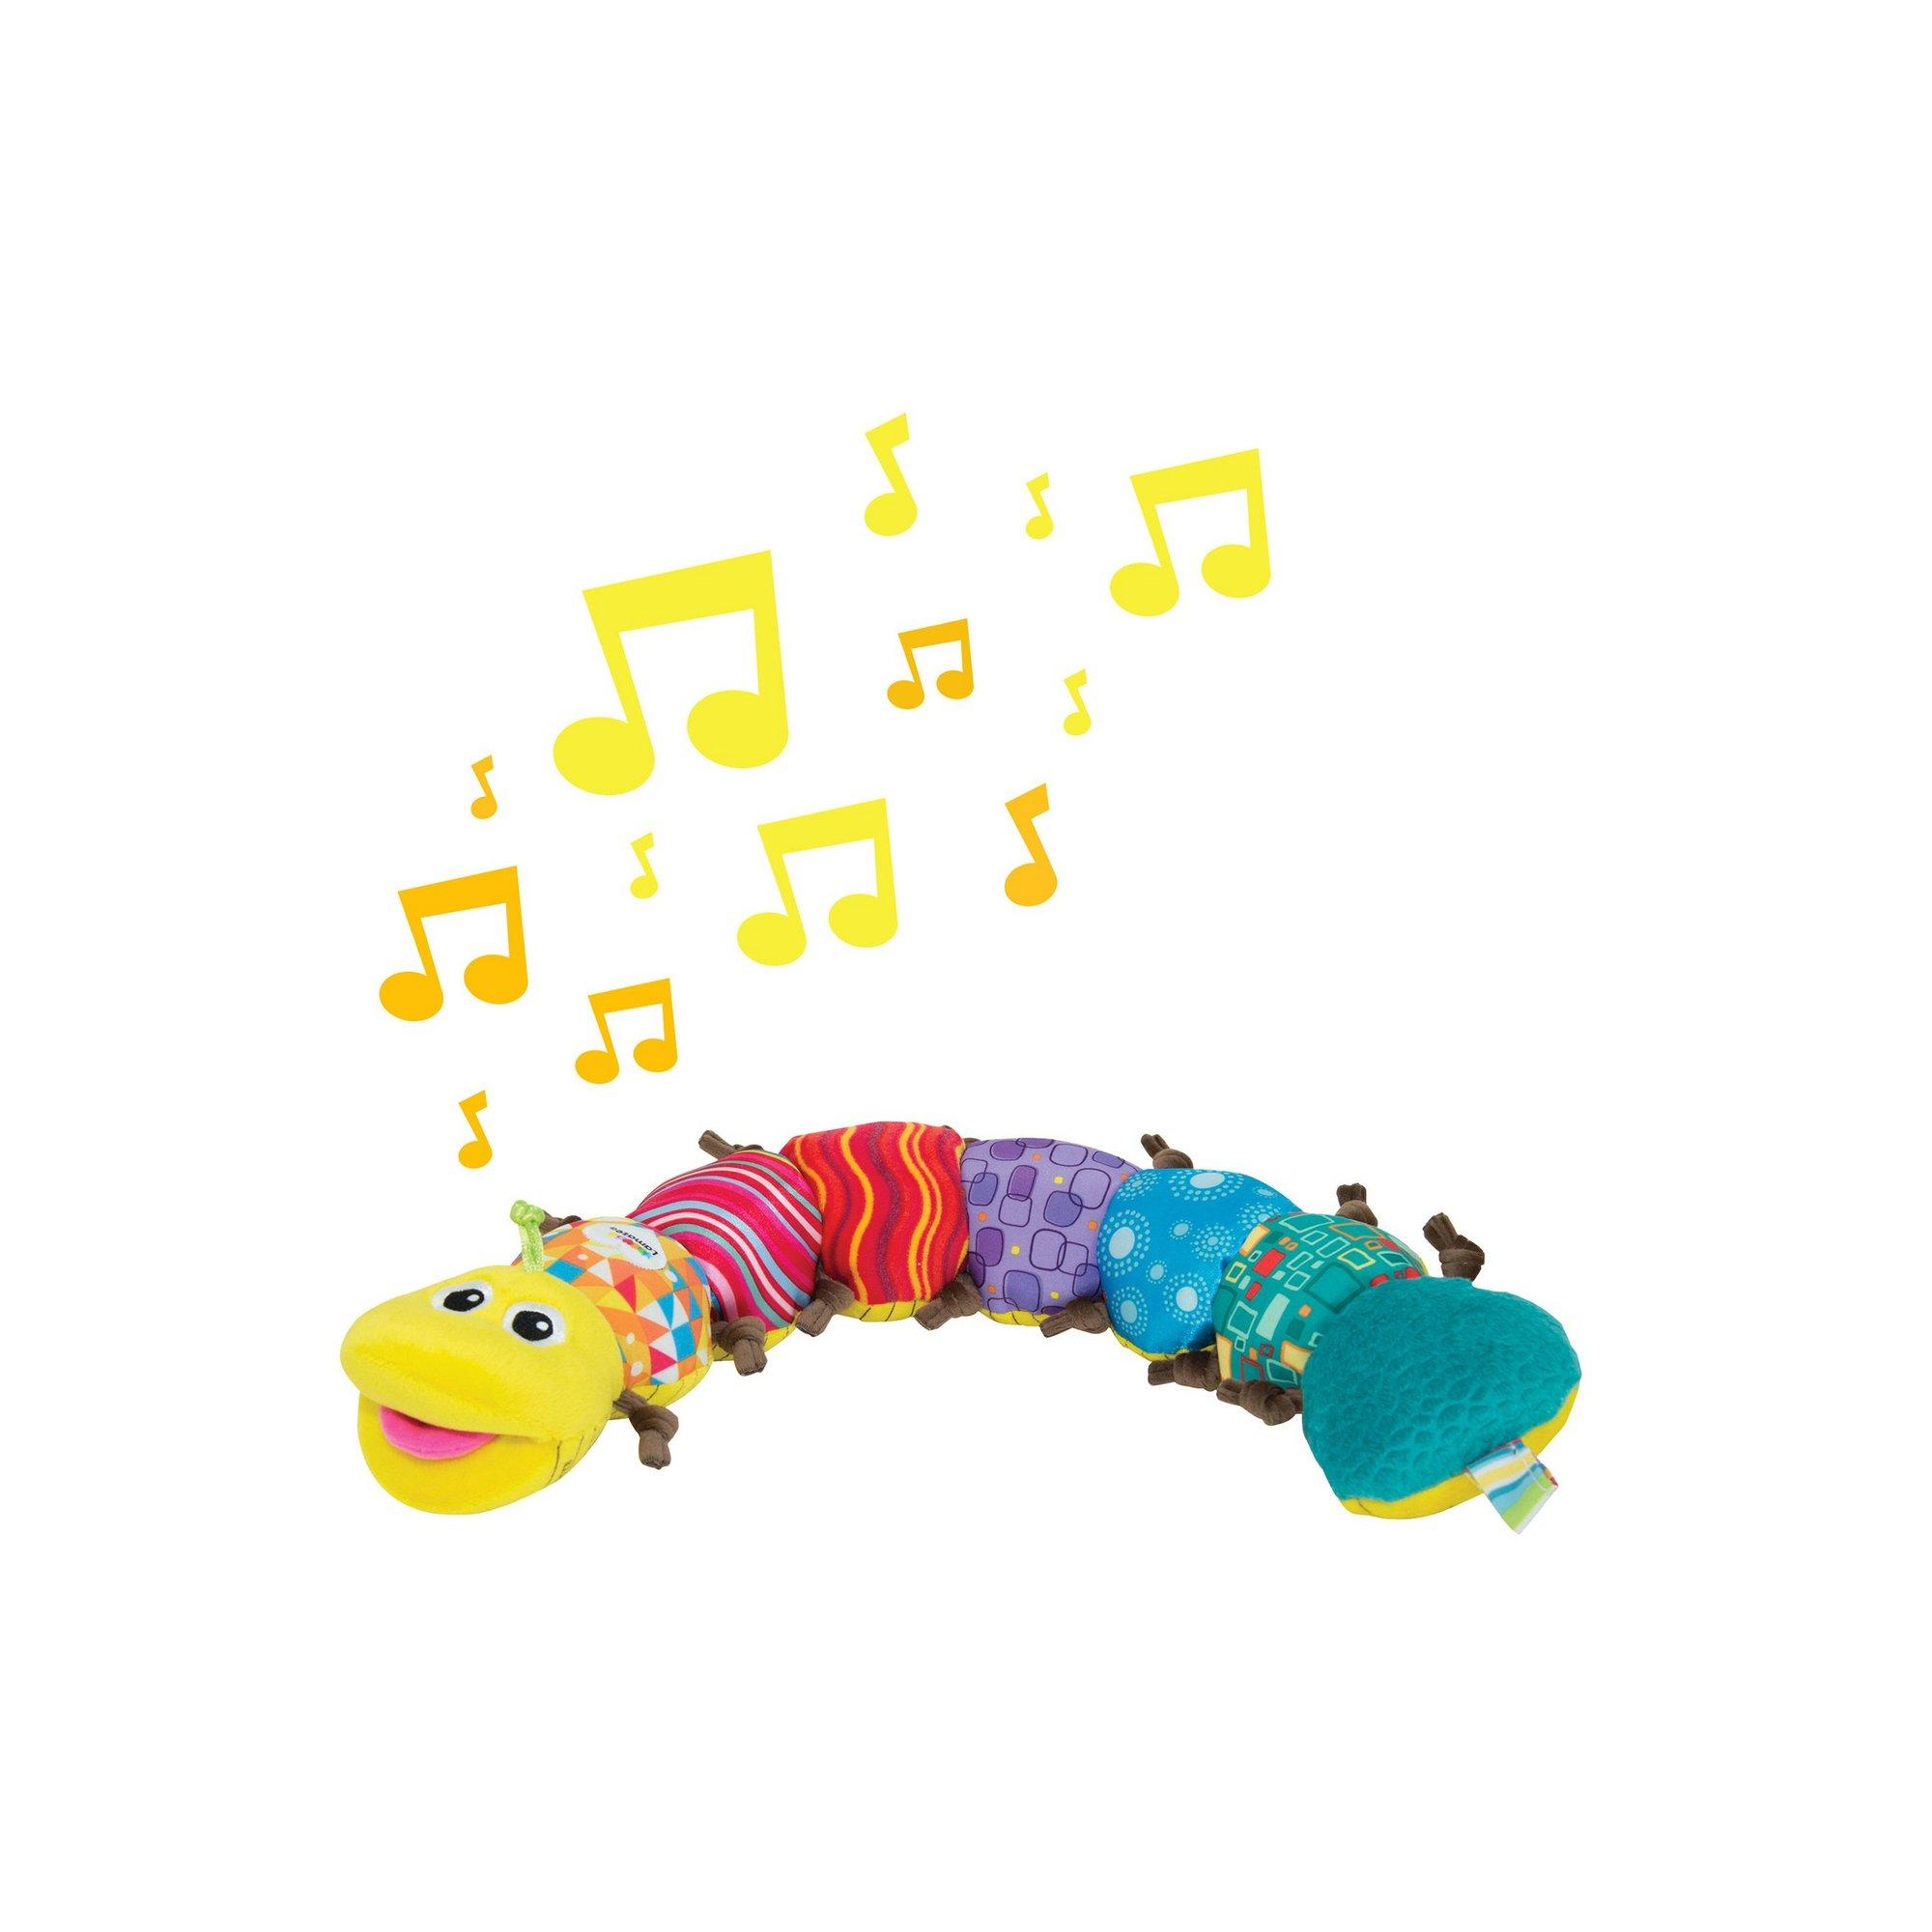 Image of Lamaze Musical Inchworm